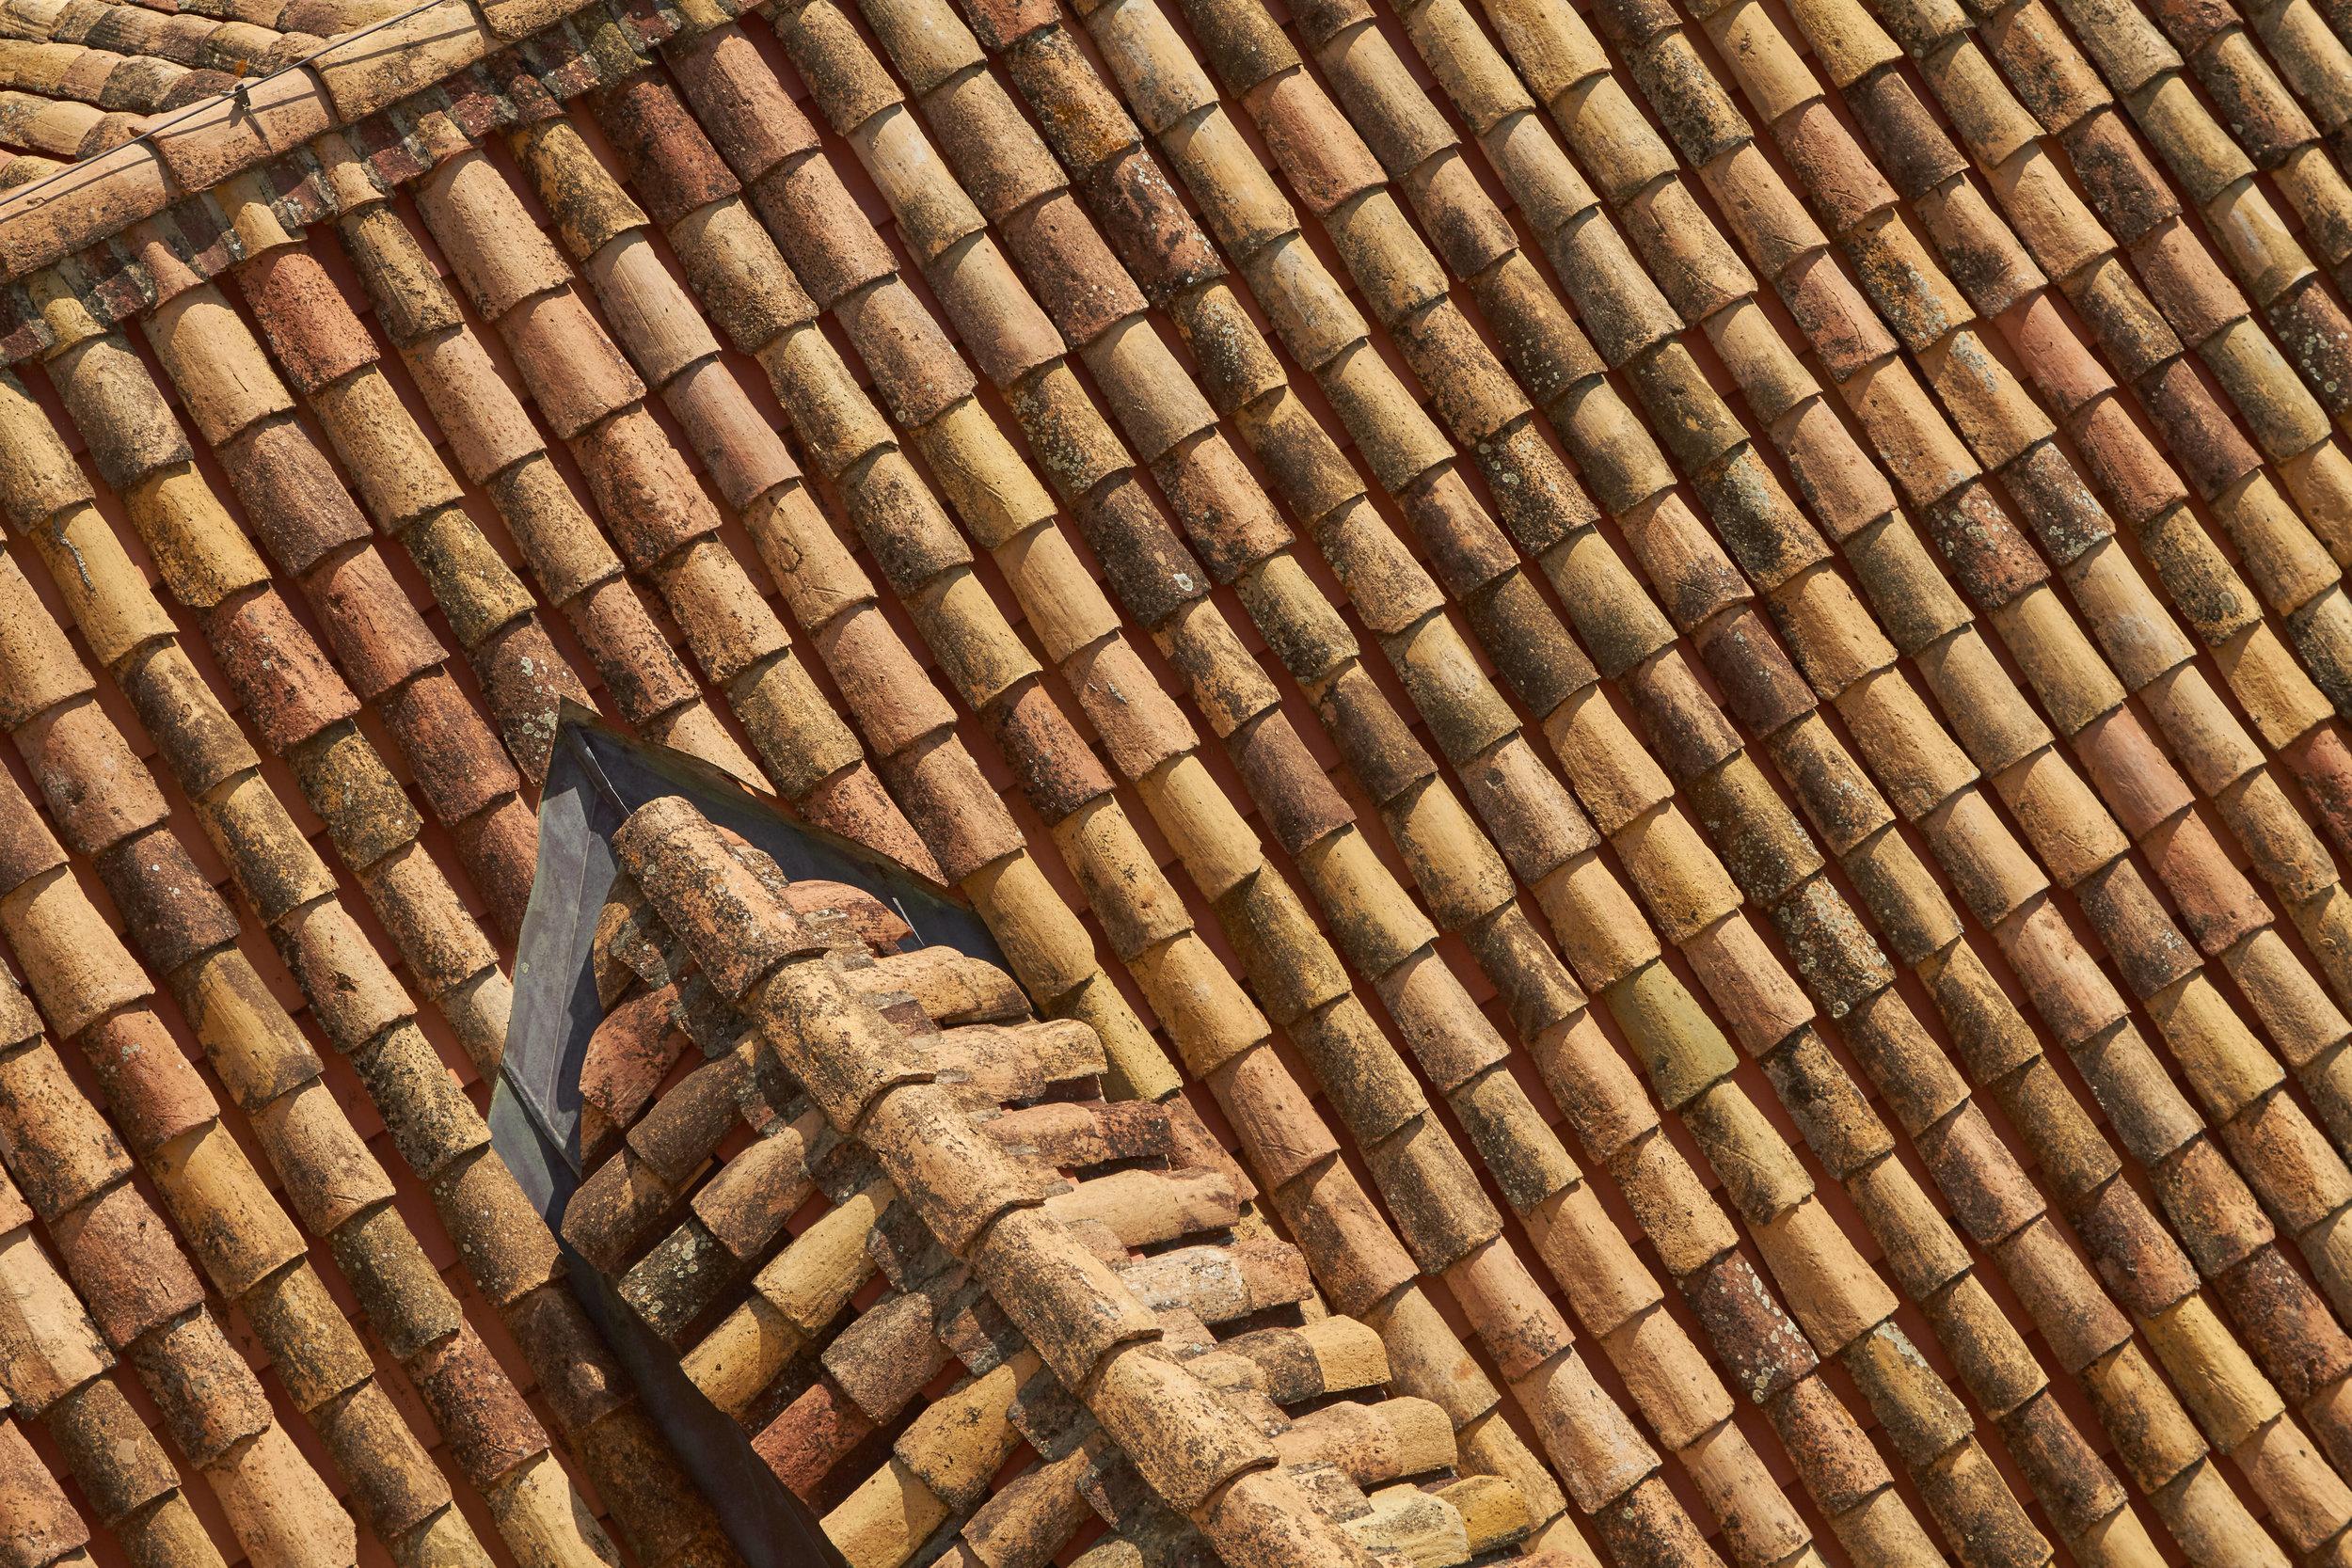 4_24-09-17_Dubrovnik_0361_PROCESSED.jpg